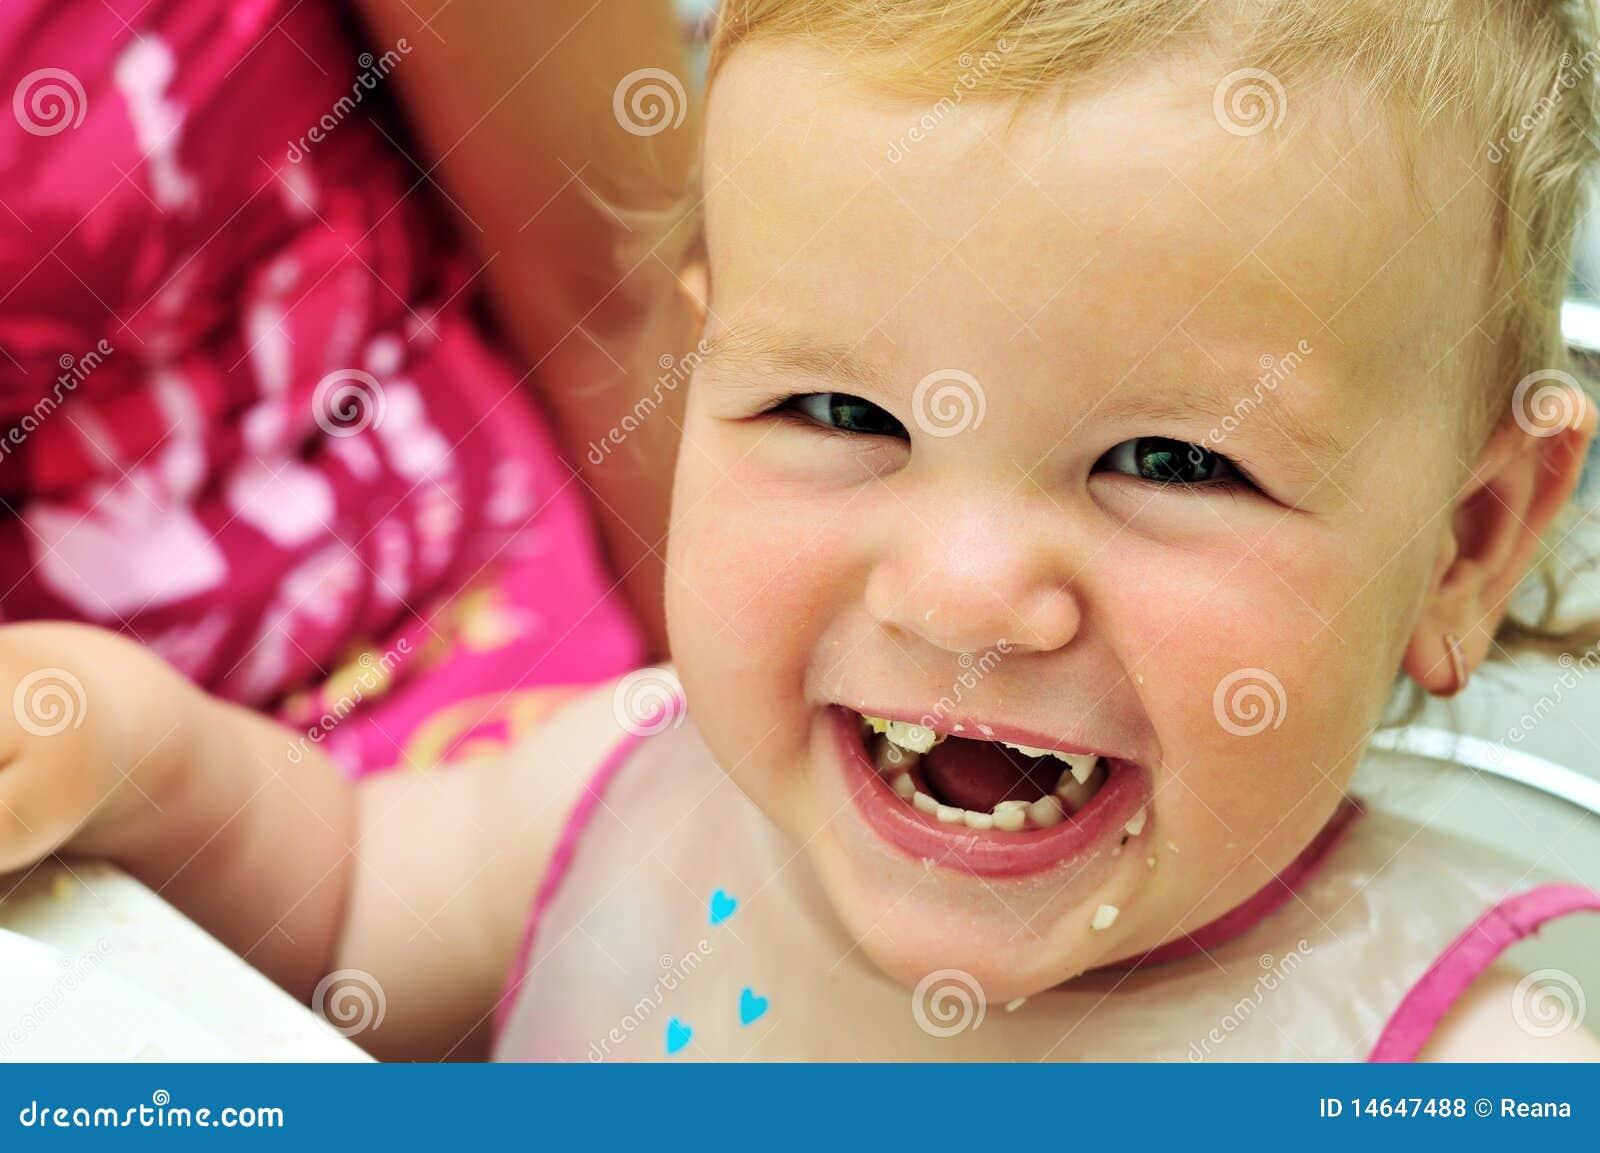 Happy Eating Sweet Baby Girl Stock Photo Image 14647488